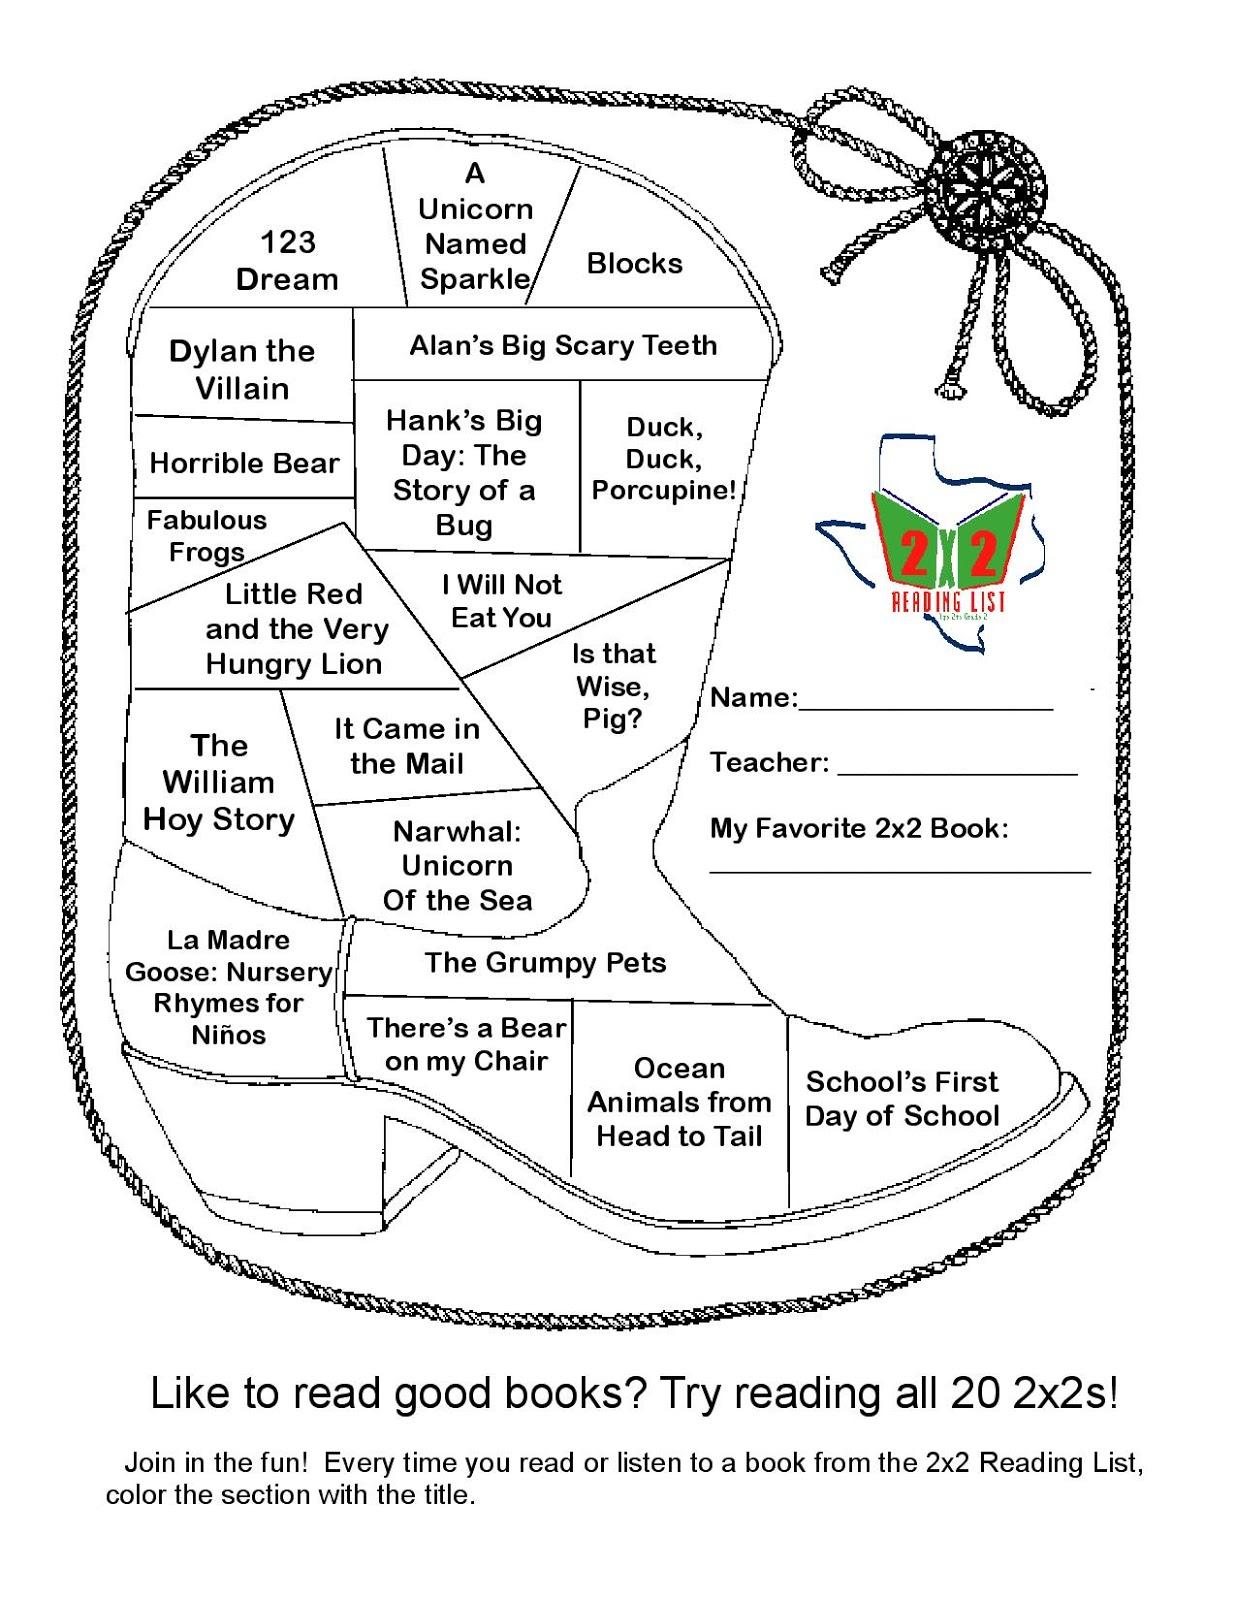 Mrs. Mattei's Book Bits Blog